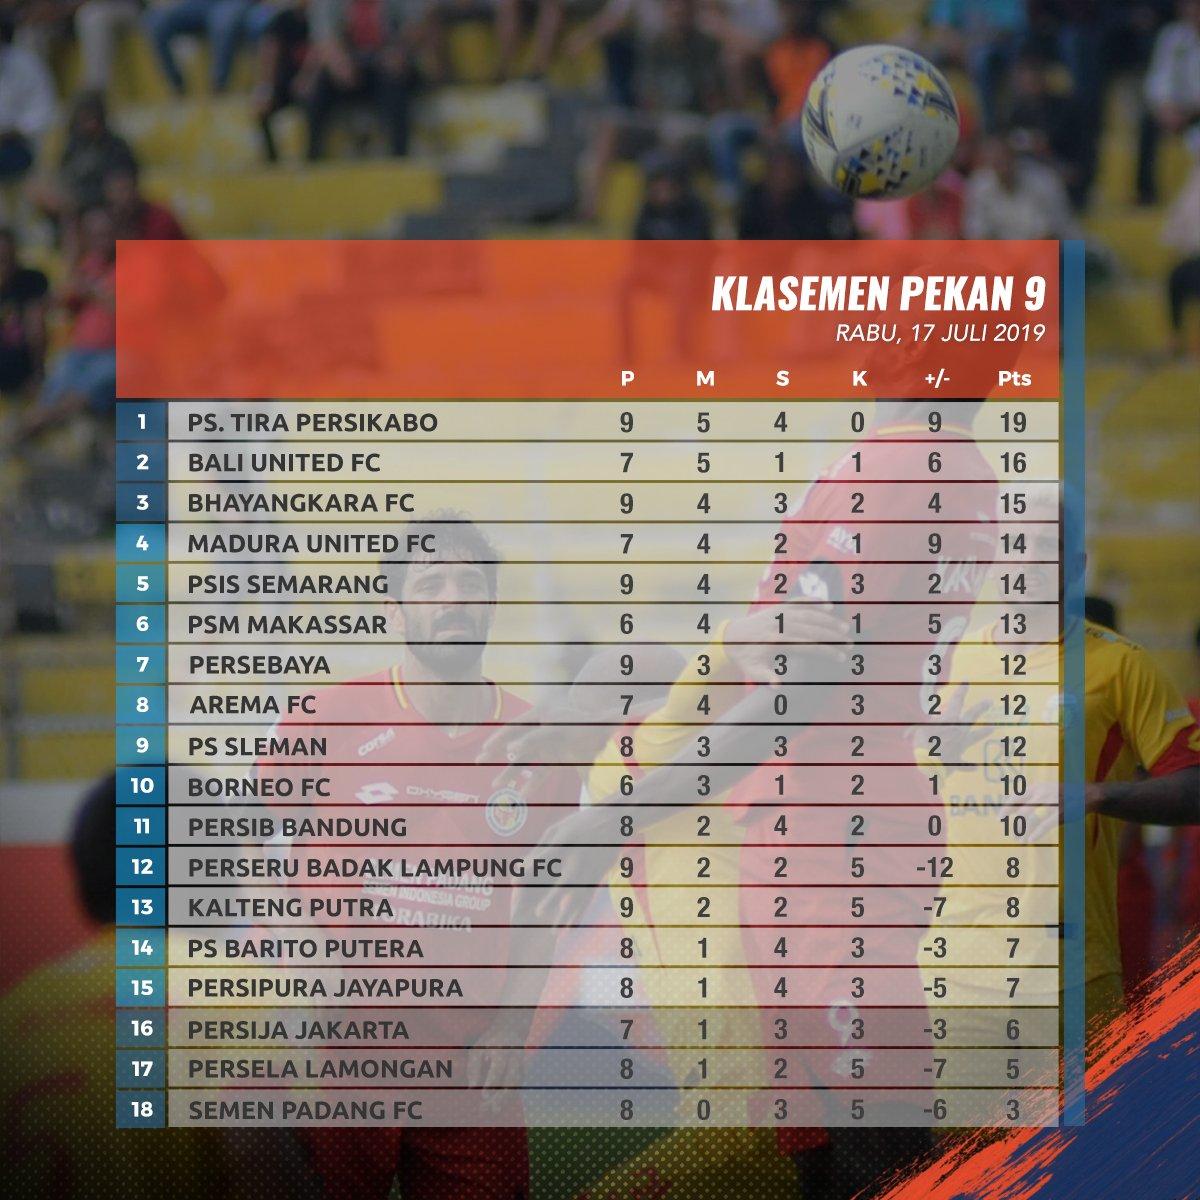 Klasemen Liga 1 2019 hingga Rabu, 17 Juli 2019